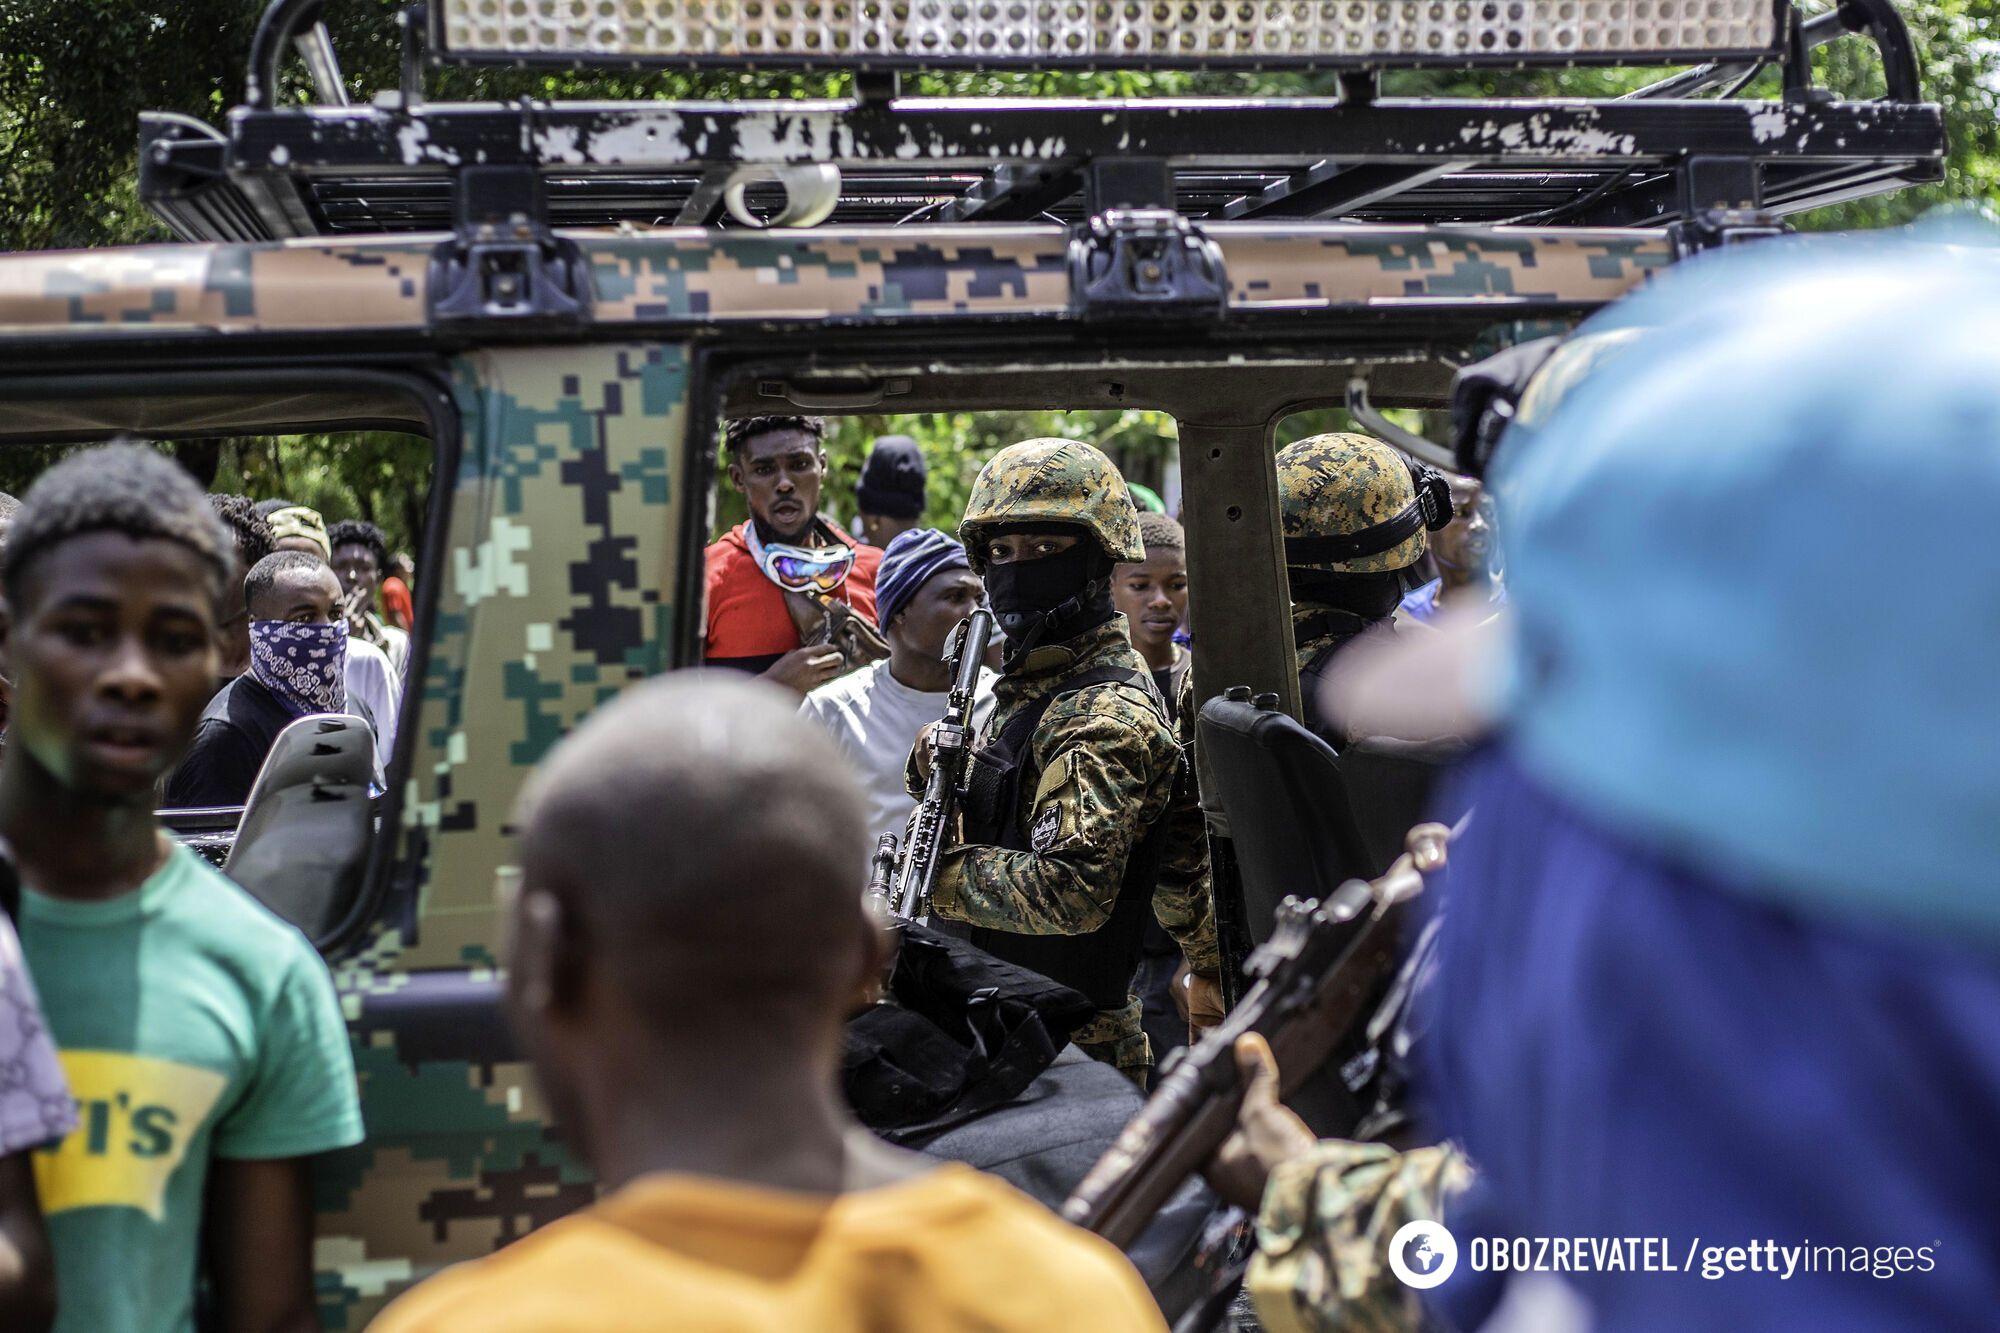 Протести в Республіці Гаїті після вбивства президента